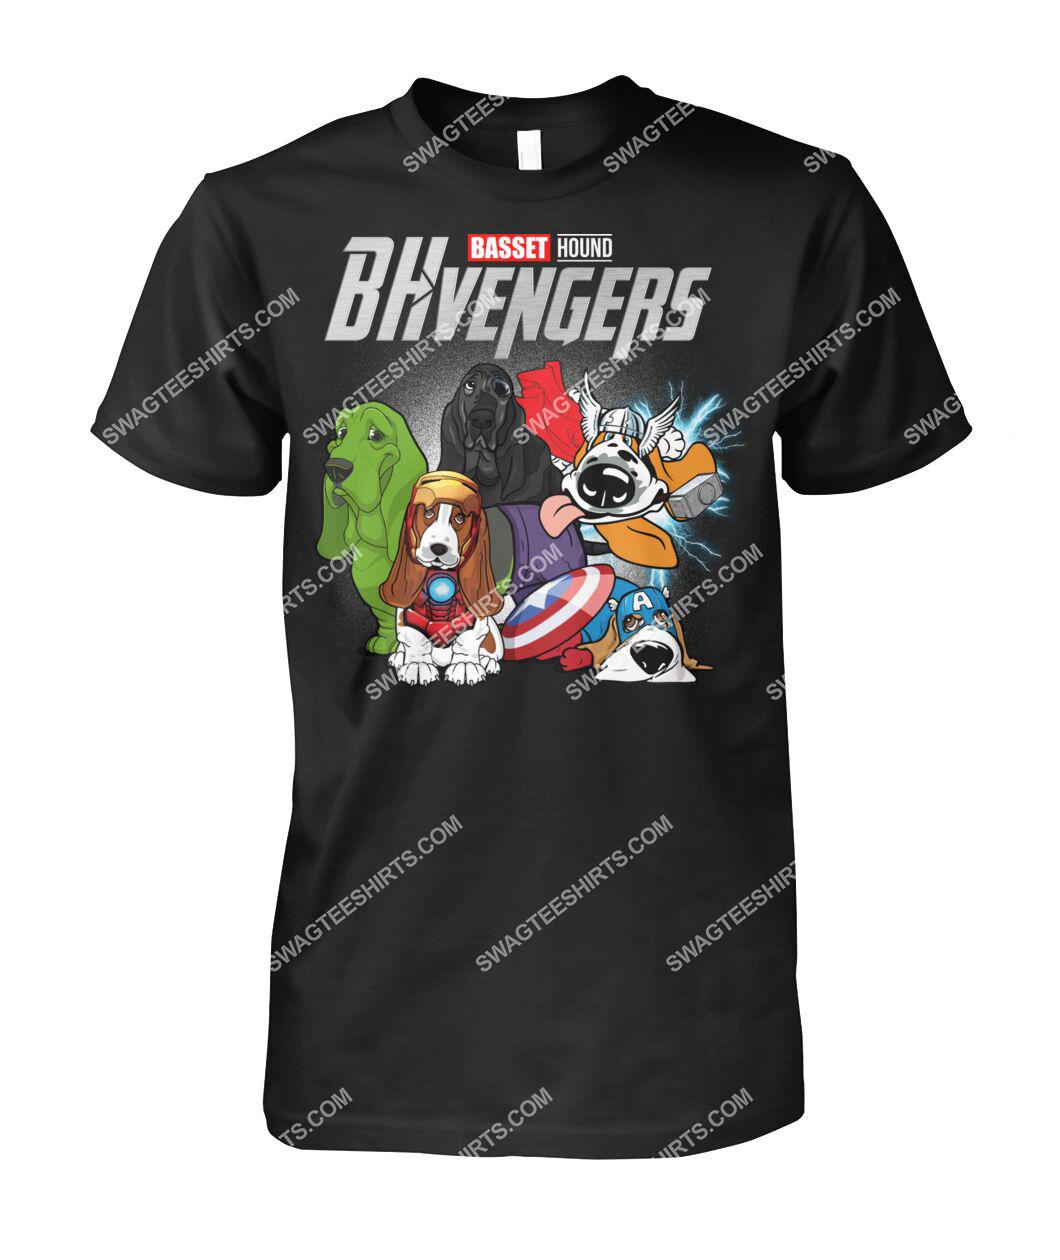 basset hound bhvengers marvel avengers dogs lover tshirt 1